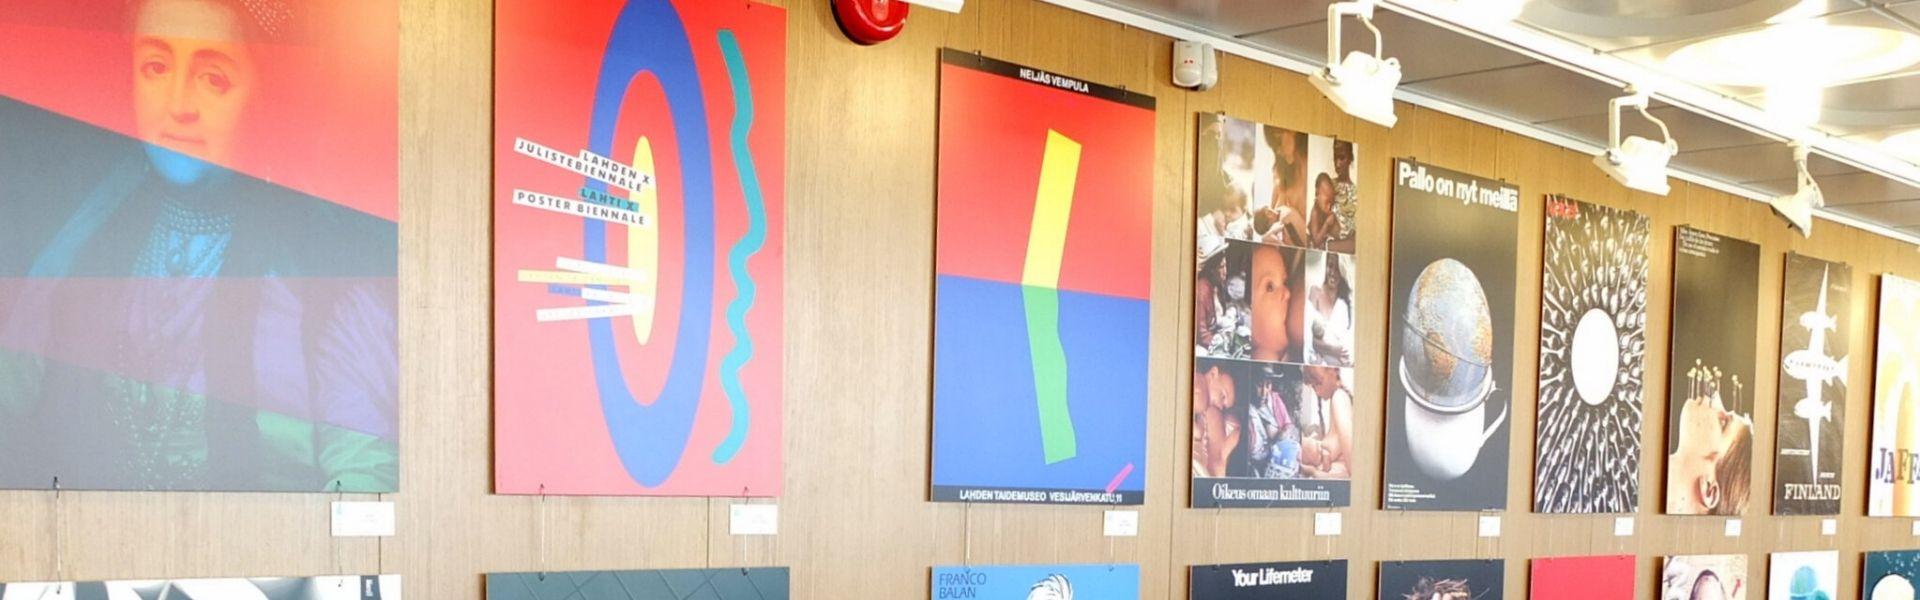 """Haapsalu Kultuurikeskuses näitus """"Tänapäeva Soome plakat"""". Näituse kuraator on Marko Kekišev. Foto: Ivari Lipp / Soome Instituut"""